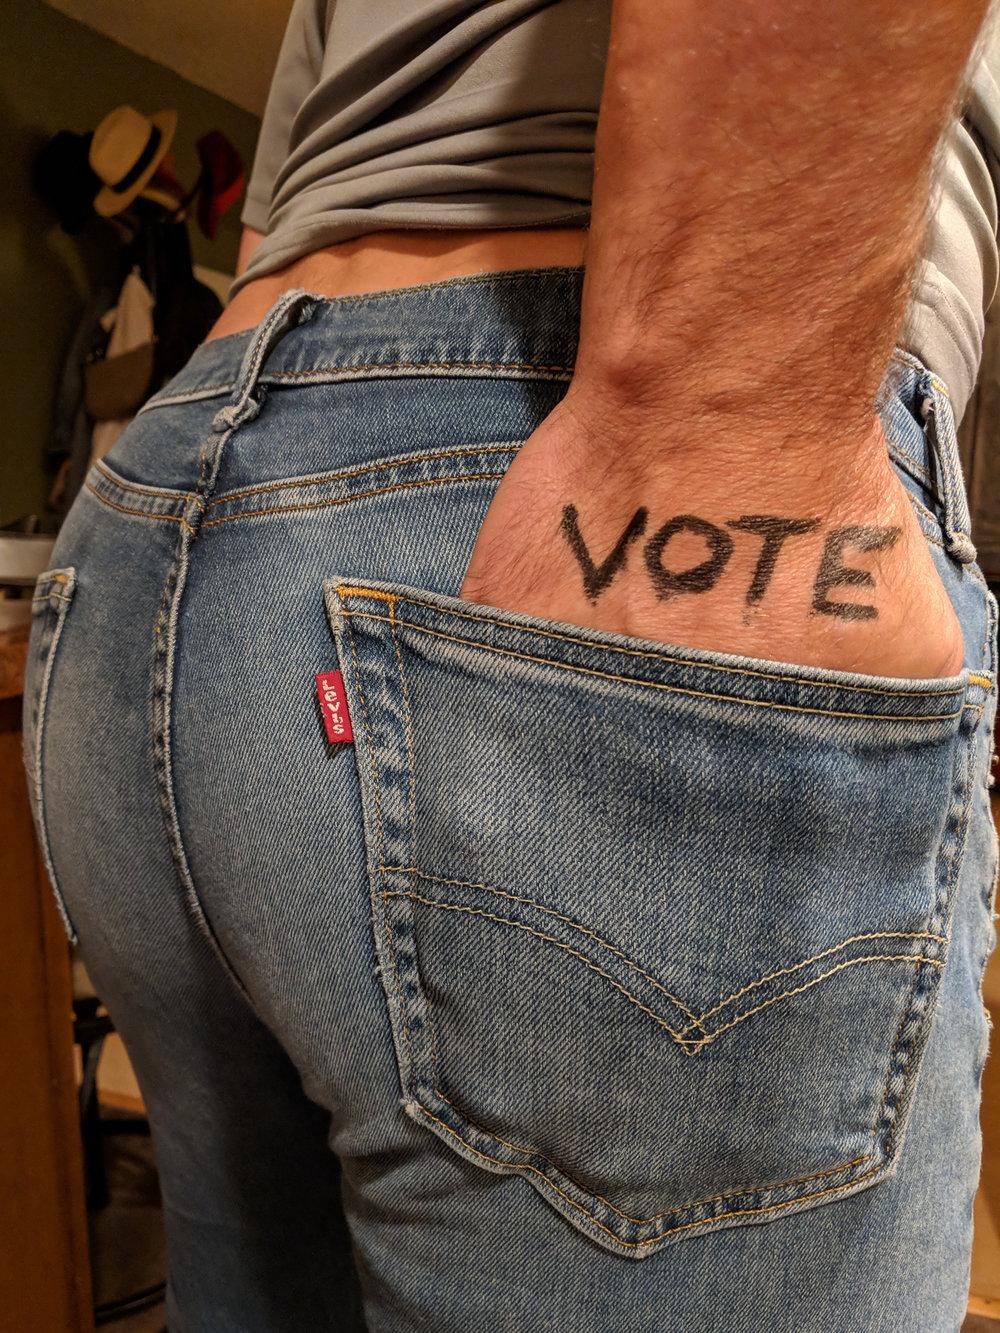 vote_2018_round1-15.jpg